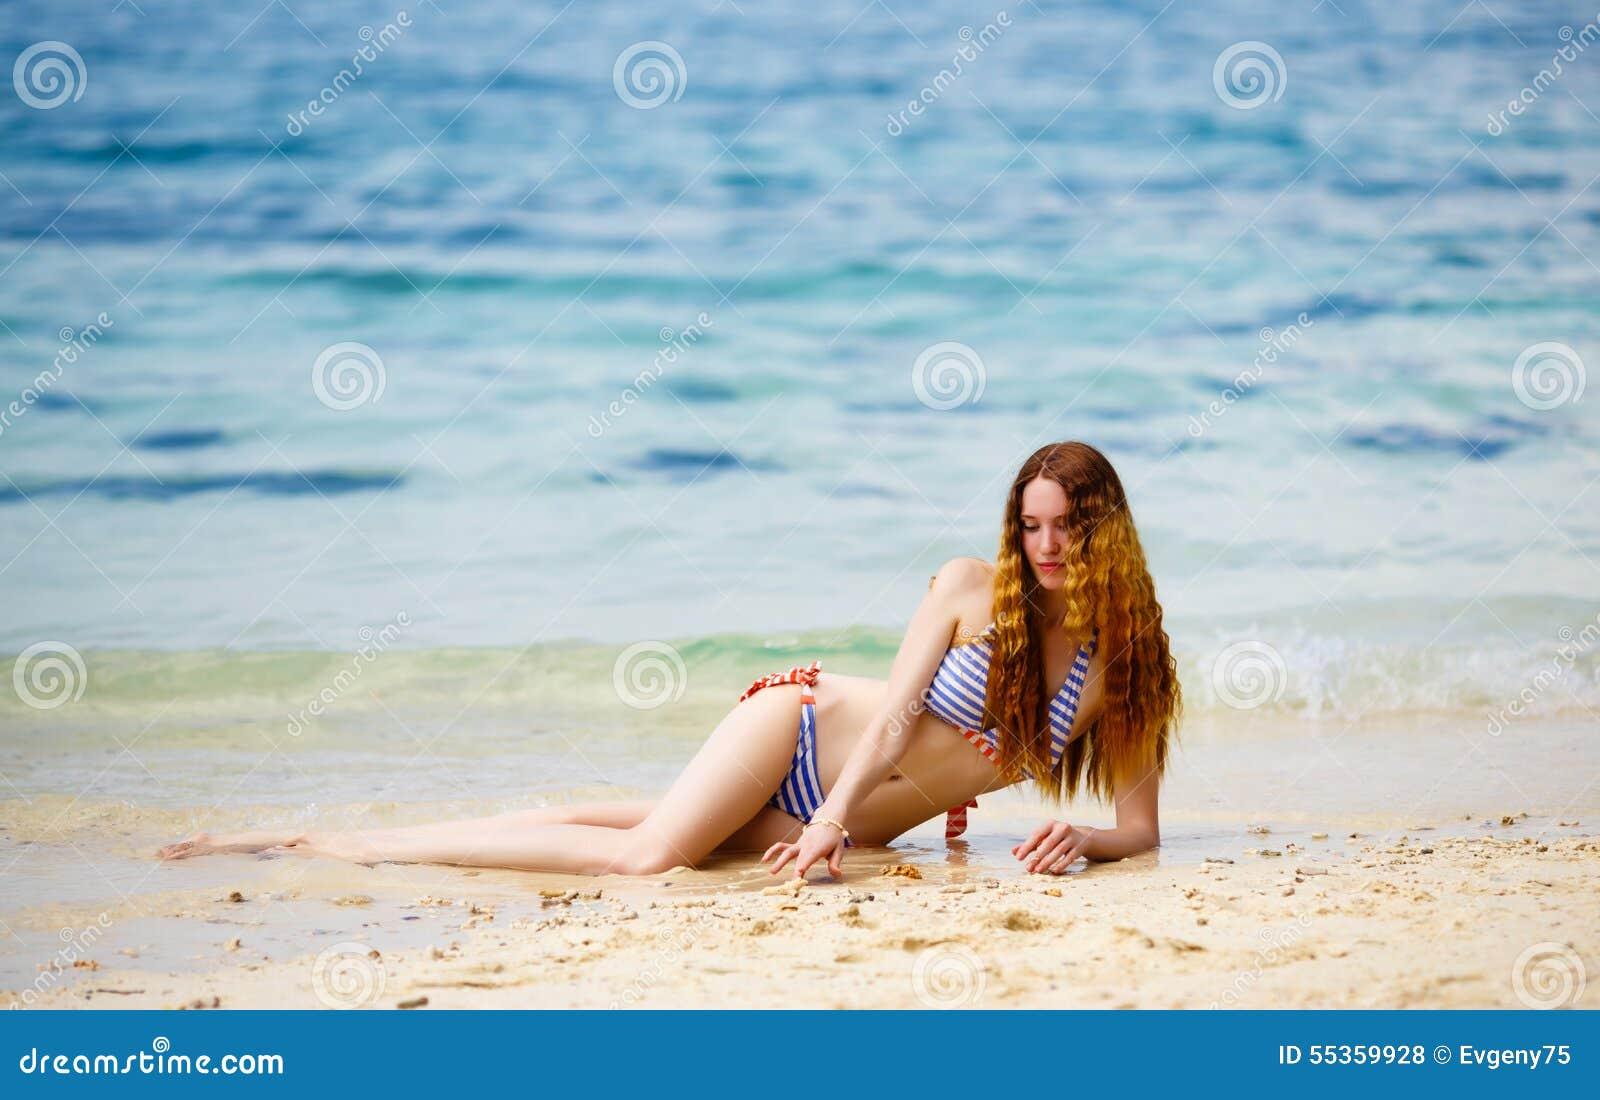 La giovane donna su una spiaggia in bikini